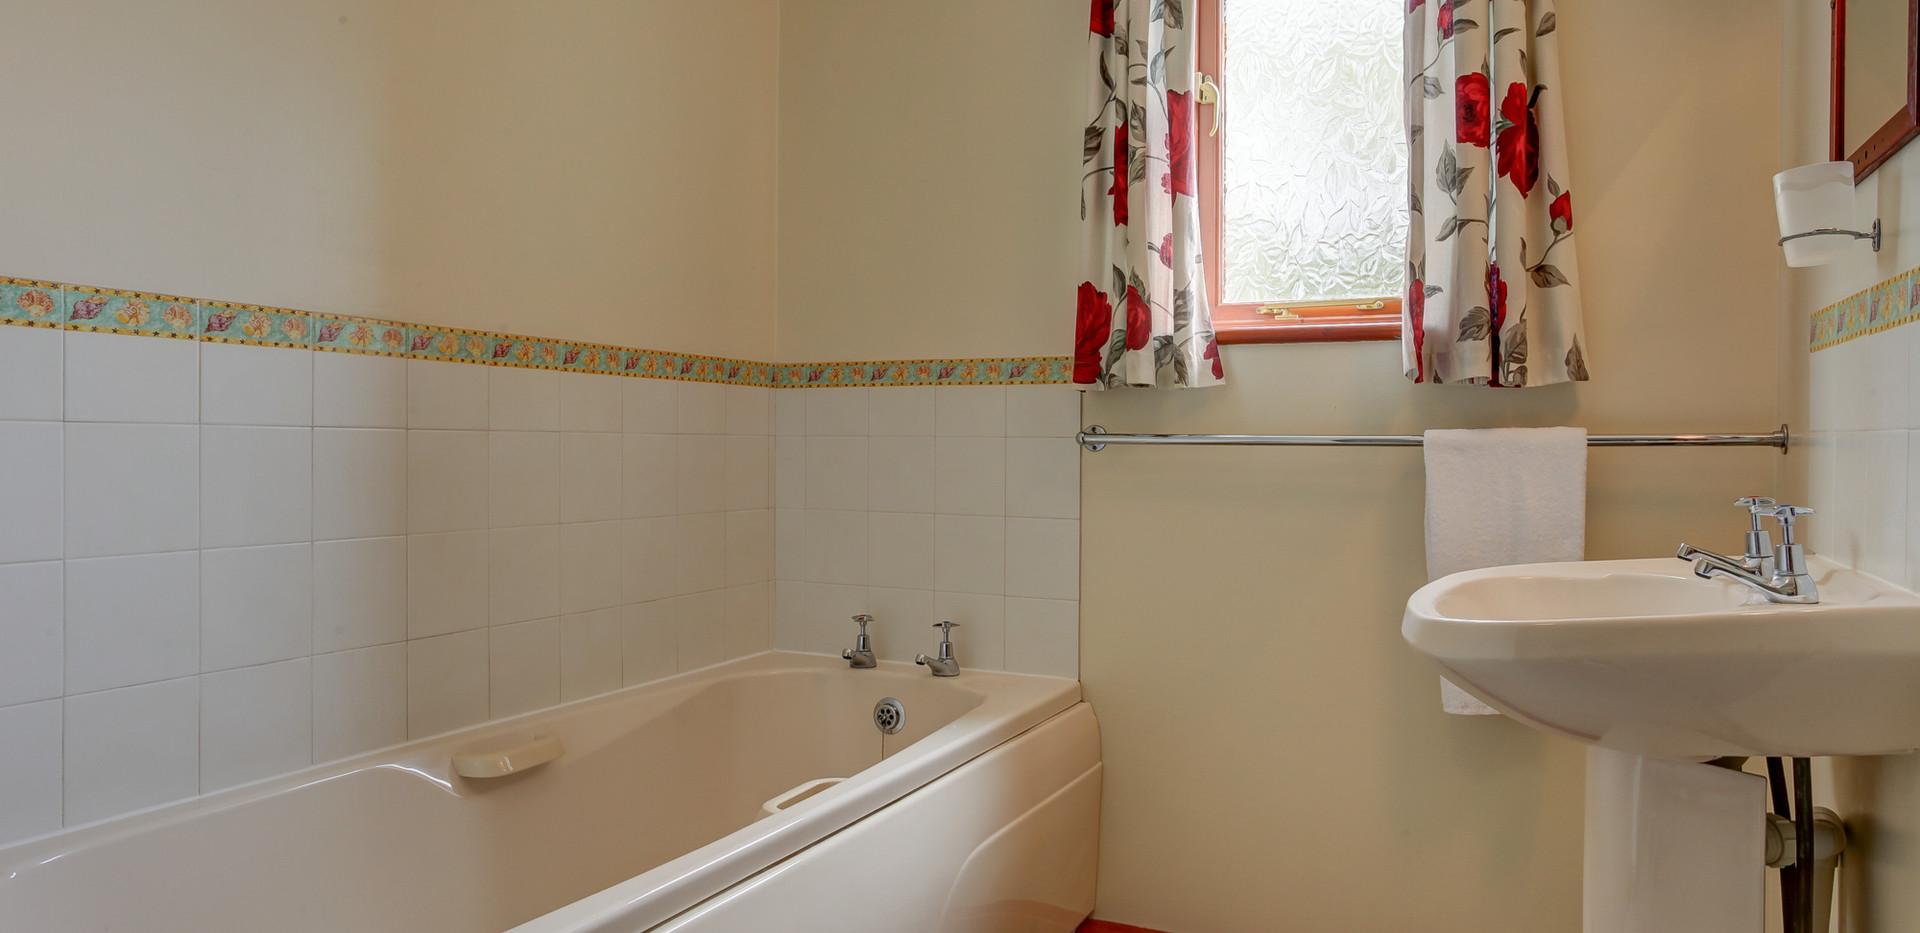 solace-bathroom.jpg